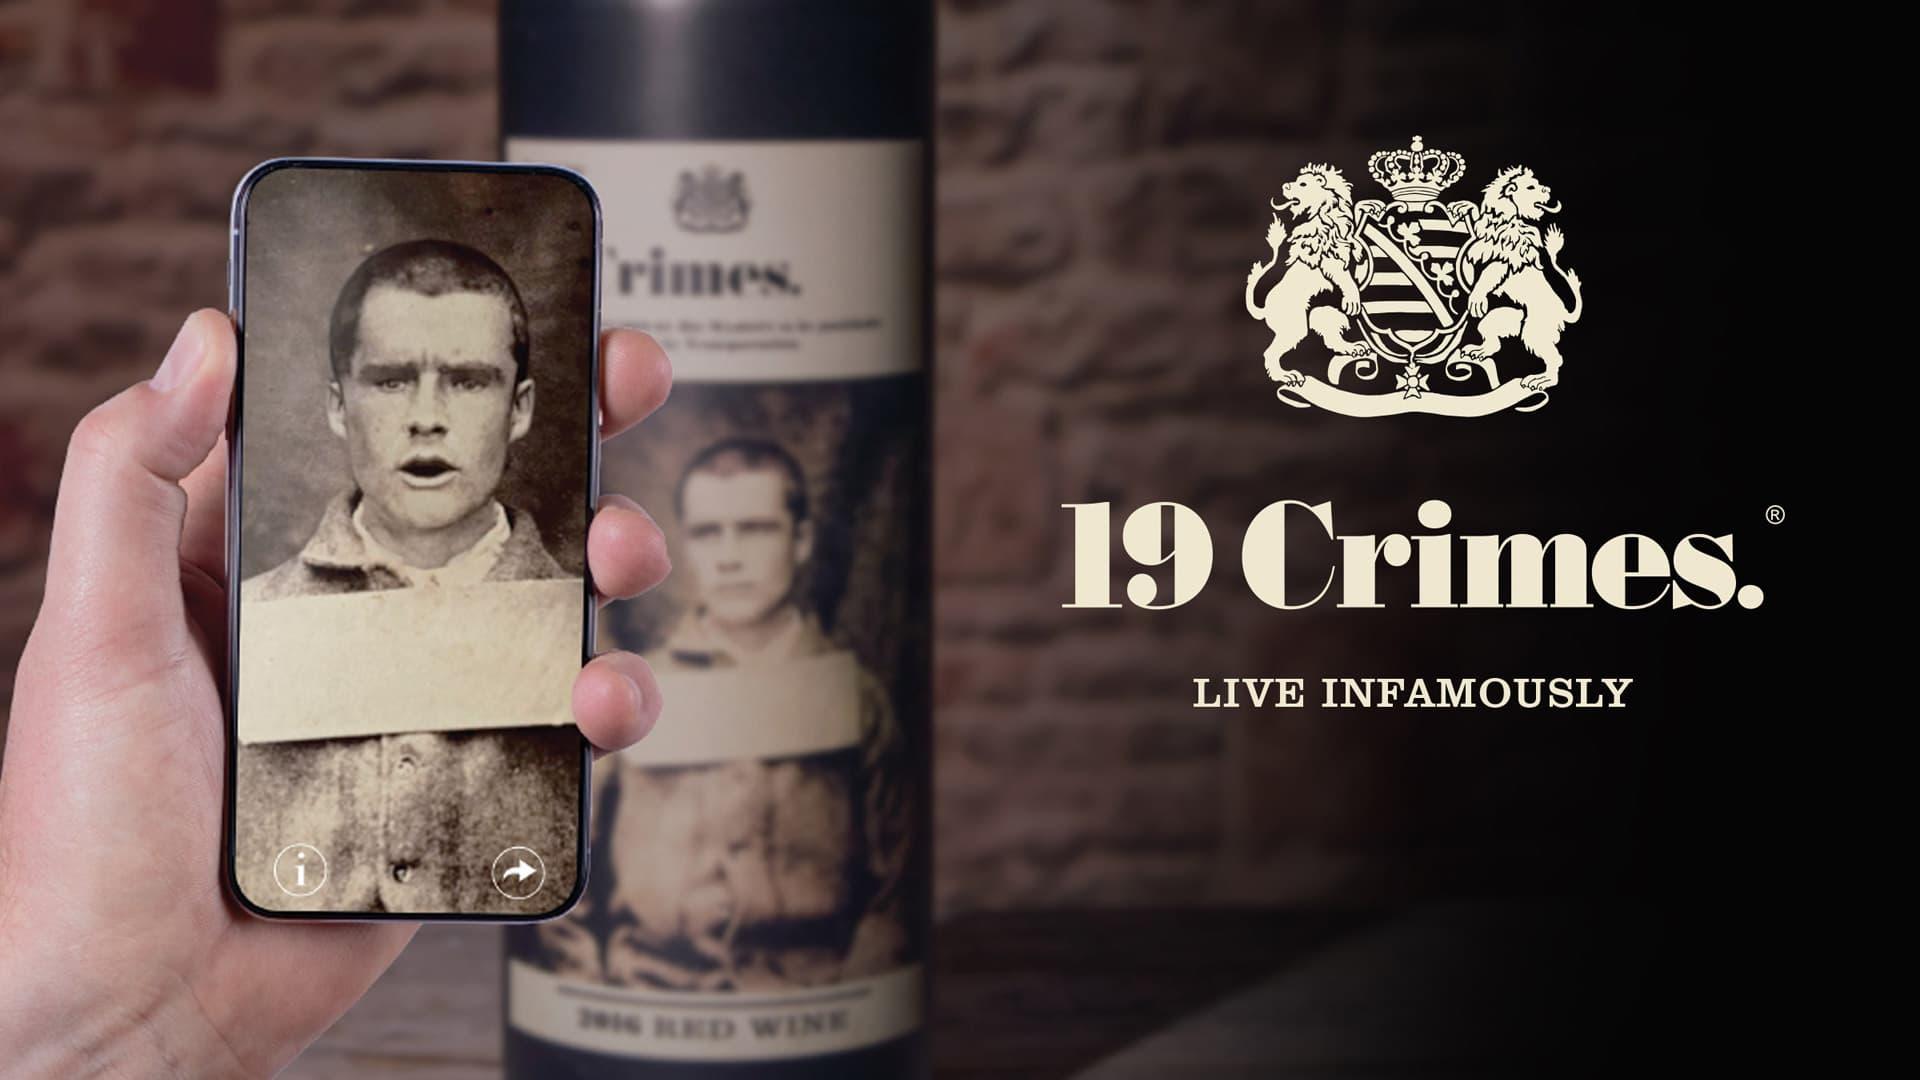 Utilisation de la réalité augmentée sur les vins australiens 19 Crimes de Treasury Wines